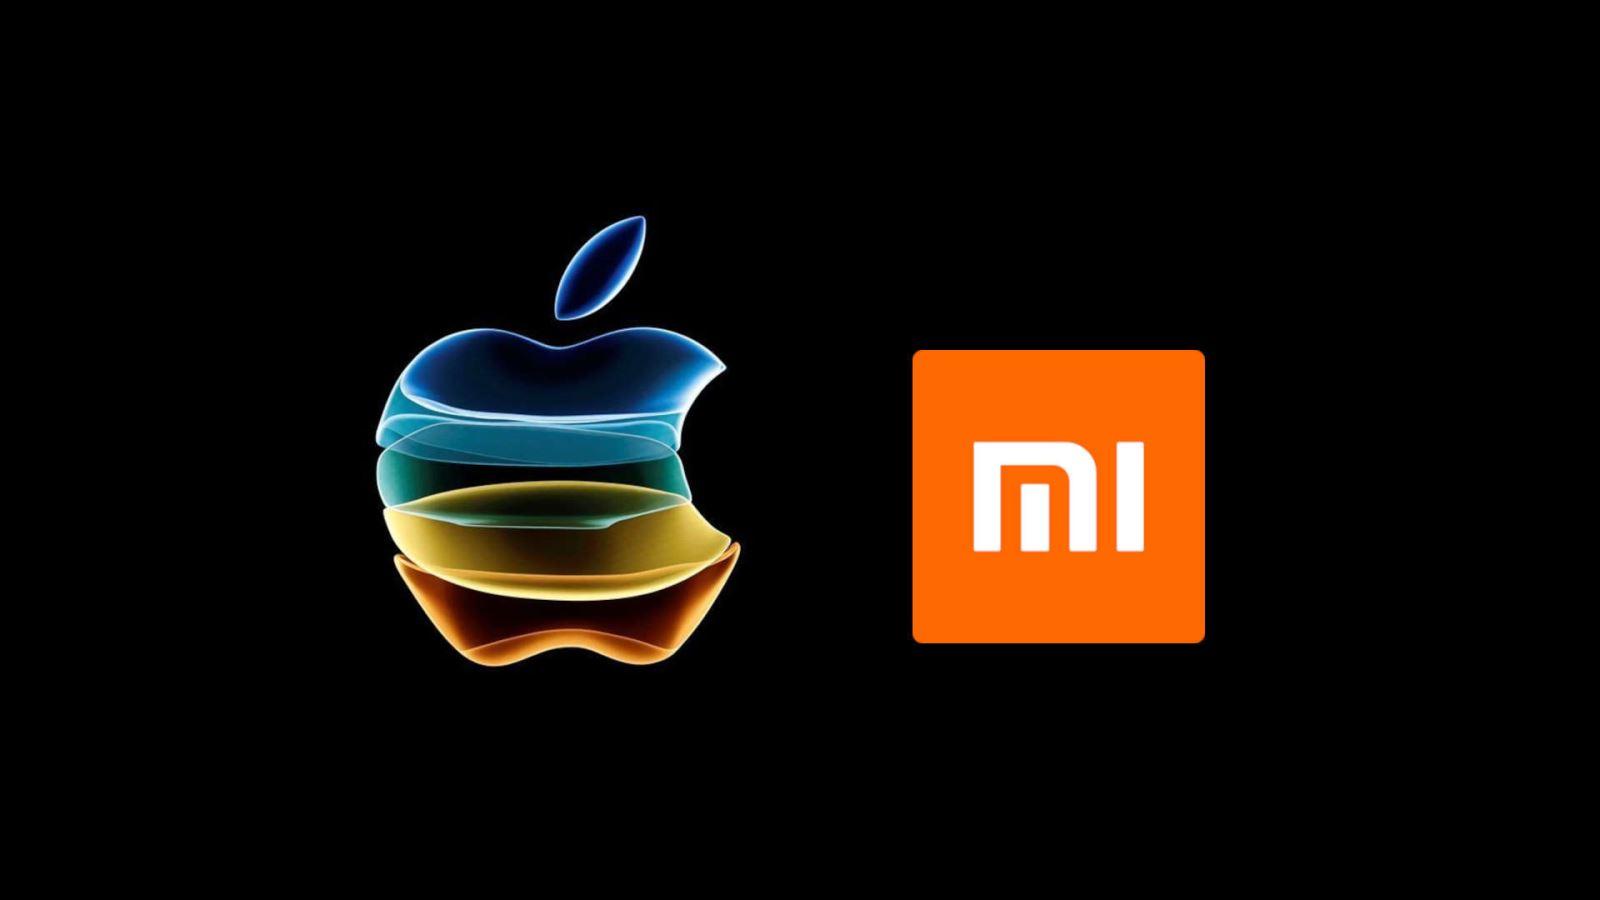 4 bí mật giúp Xiaomi đánh bại Apple về thị phần điện thoại thông minh - Ảnh 2.